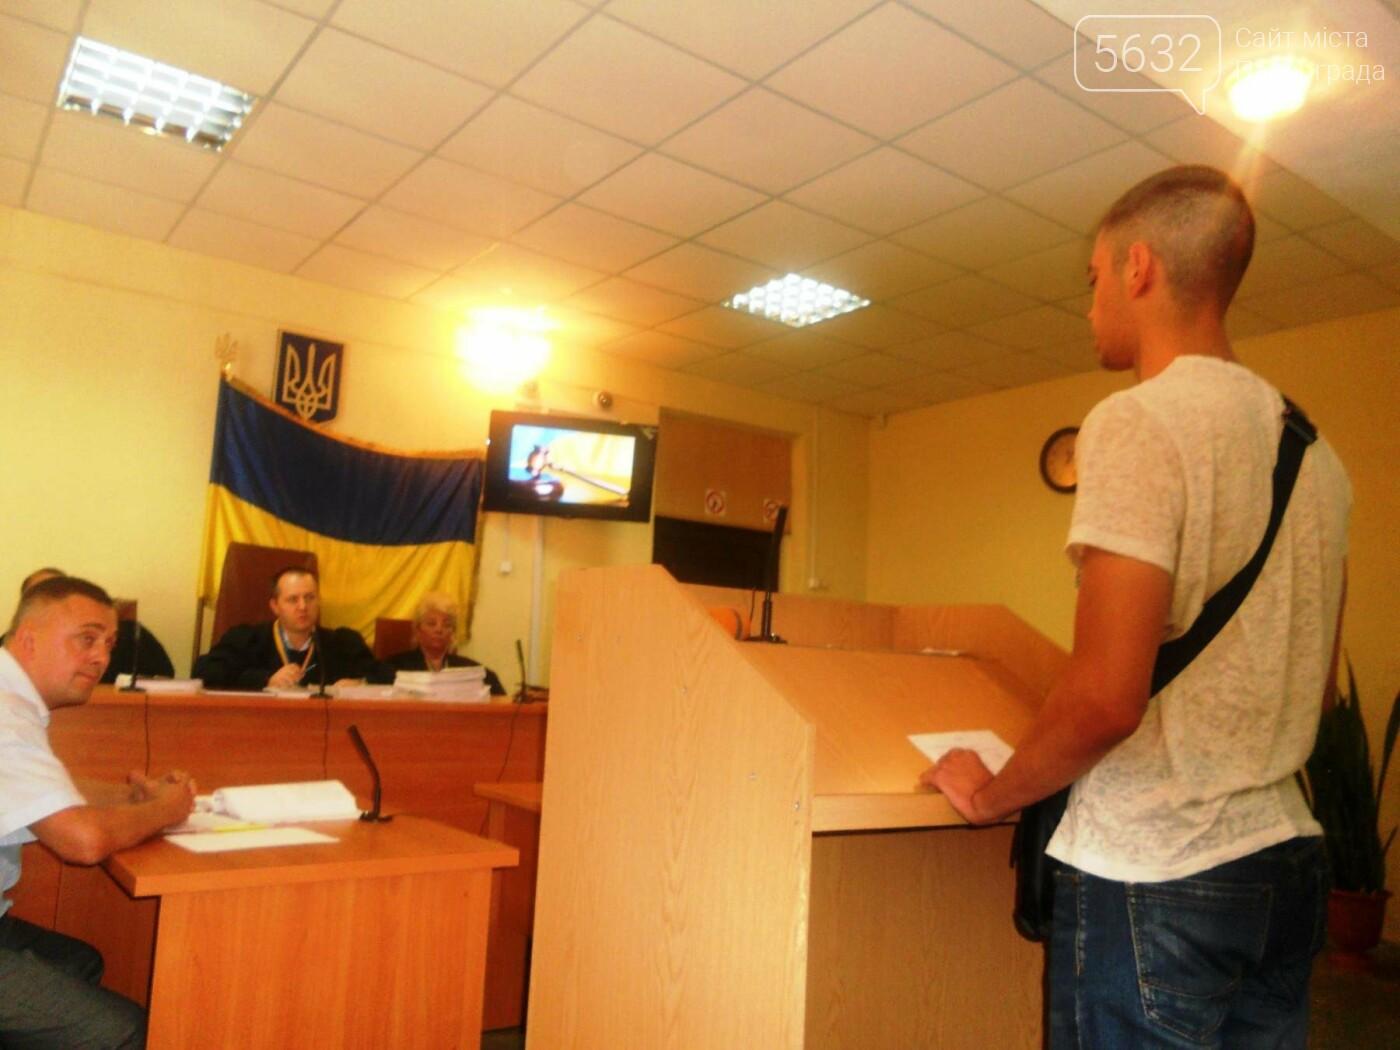 Школяр з Павлограда, якого обвинувачують у подвійному вбивстві, пив у день злочину горілку, фото-1